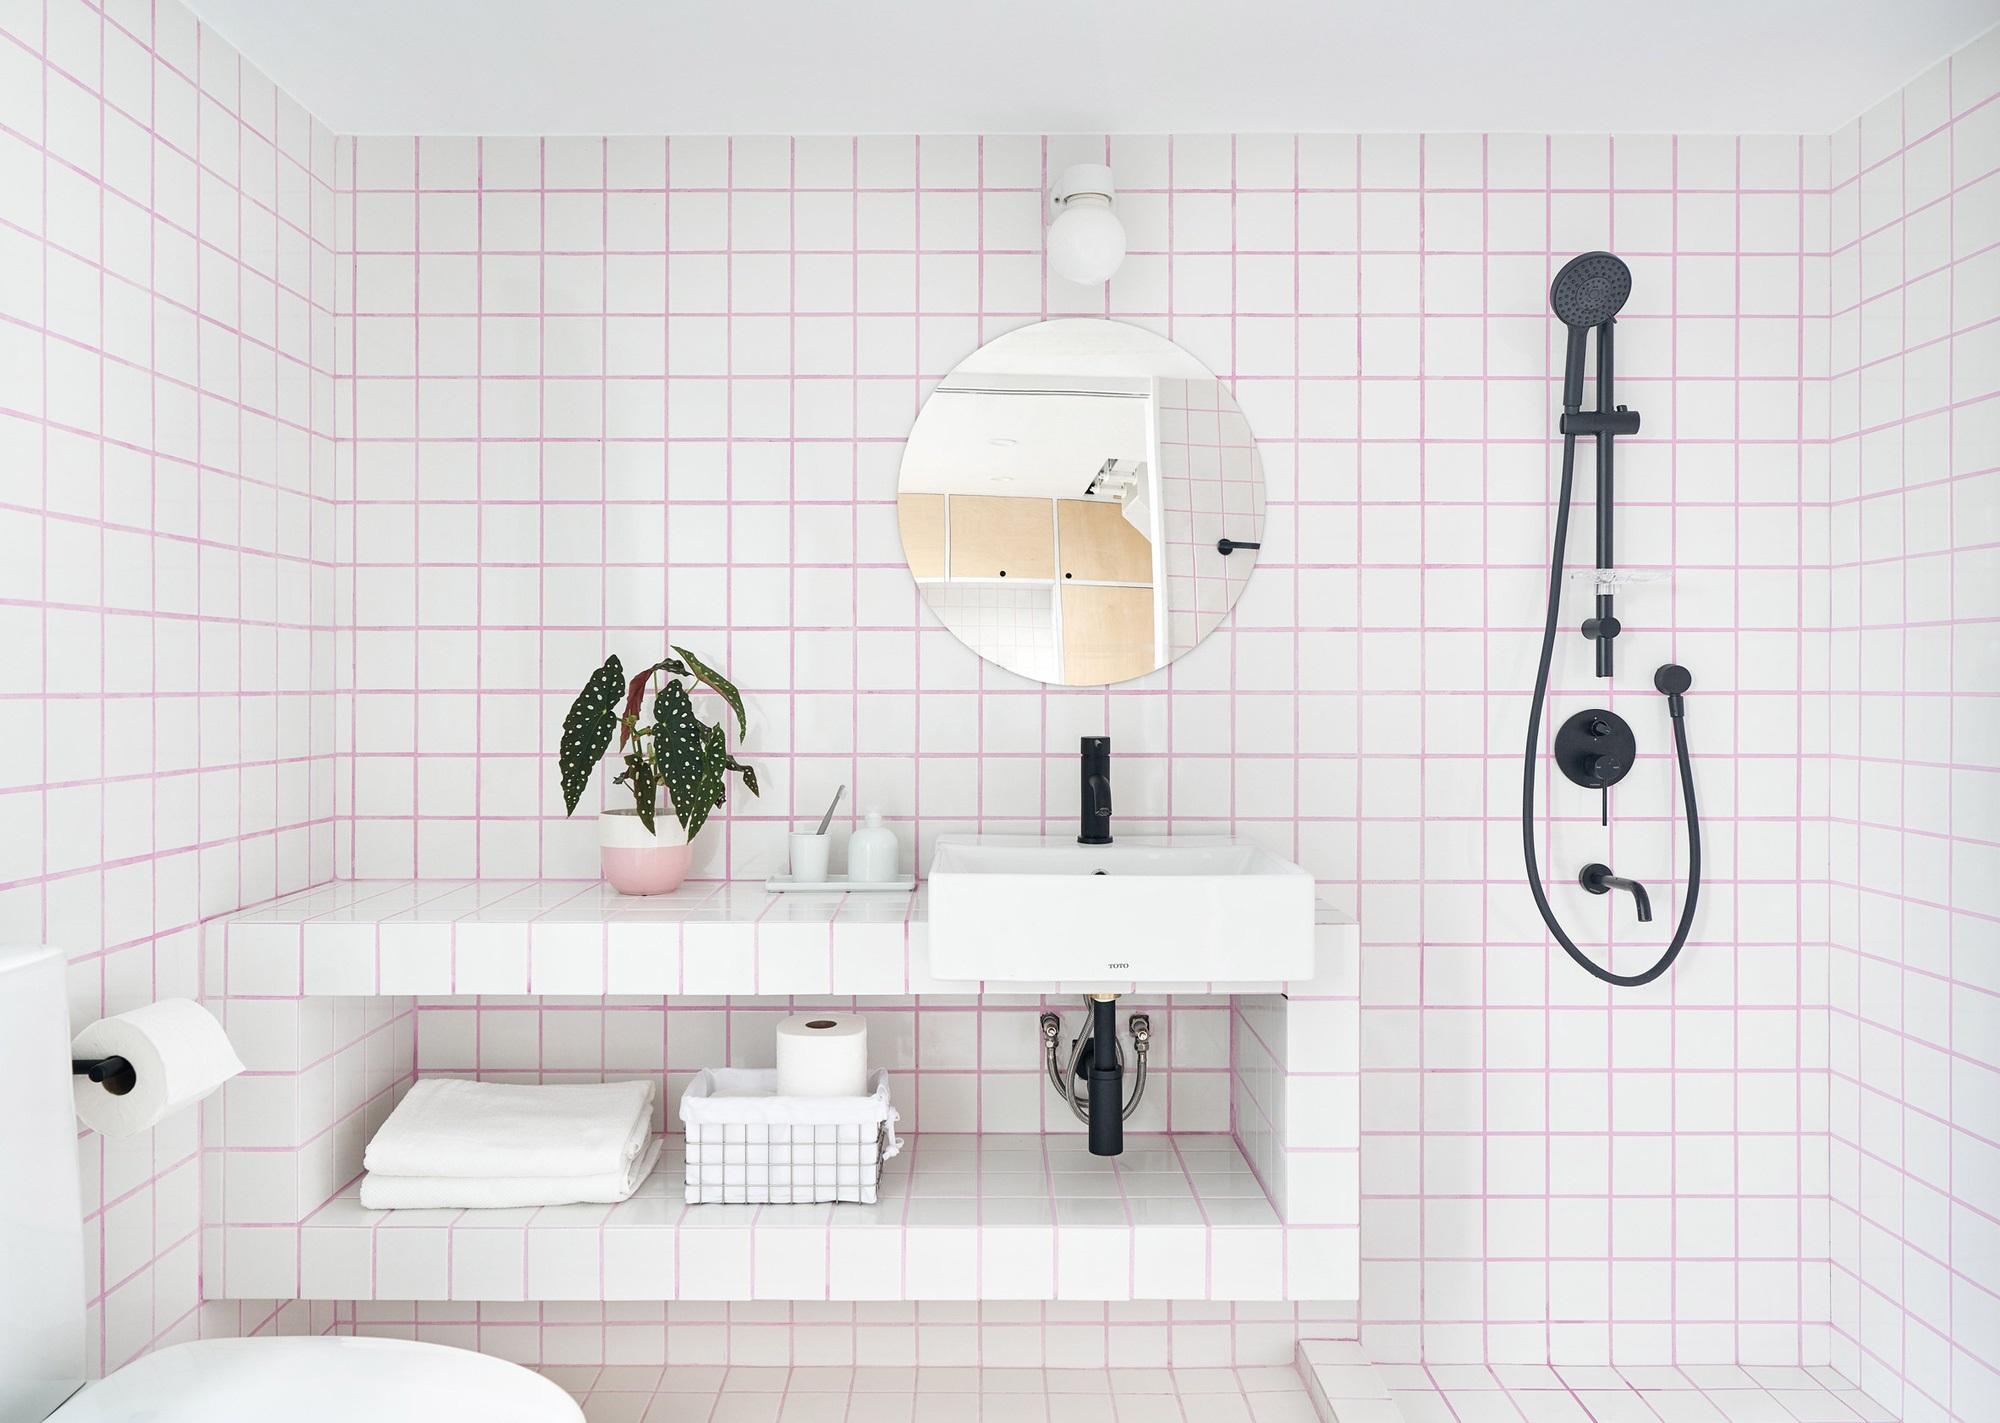 Căn hộ rộng 33m² siêu ấn tượng từ cách thiết kế đến bài trí nội thất - Ảnh 5